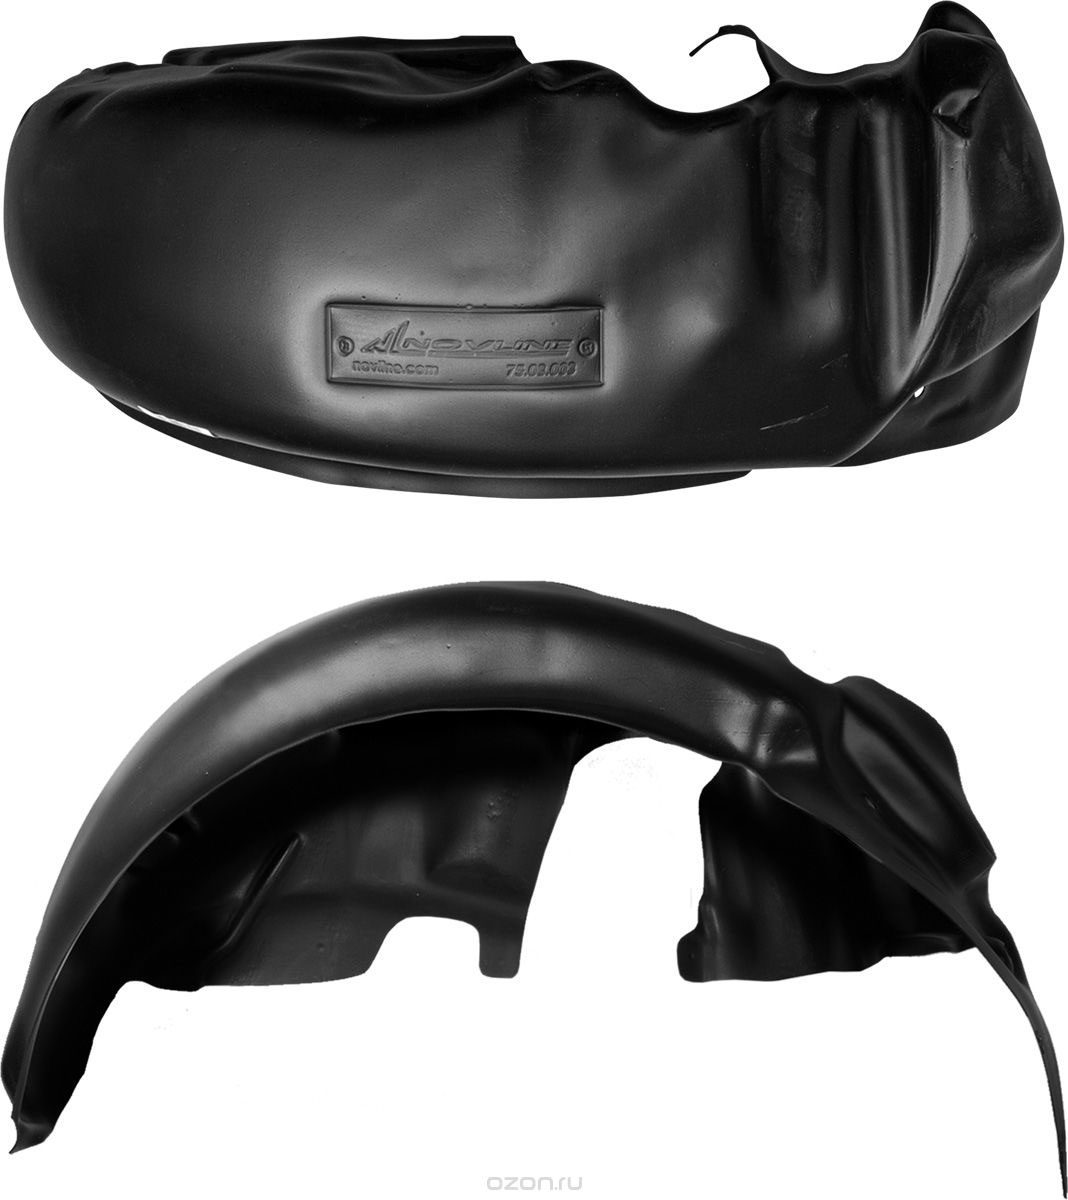 Подкрылок Novline-Autofamily, для DAEWOO Nexia 1995-2007, 2007->, передний левый44707011Идеальная защита колесной ниши. Локеры разработаны с применением цифровых технологий, гарантируют максимальную повторяемость поверхности арки. Изделия устанавливаются без нарушения лакокрасочного покрытия автомобиля, каждый подкрылок комплектуется крепежом. Уважаемые клиенты, обращаем ваше внимание, что фотографии на подкрылки универсальные и не отражают реальную форму изделия. При этом само изделие идет точно под размер указанного автомобиля.